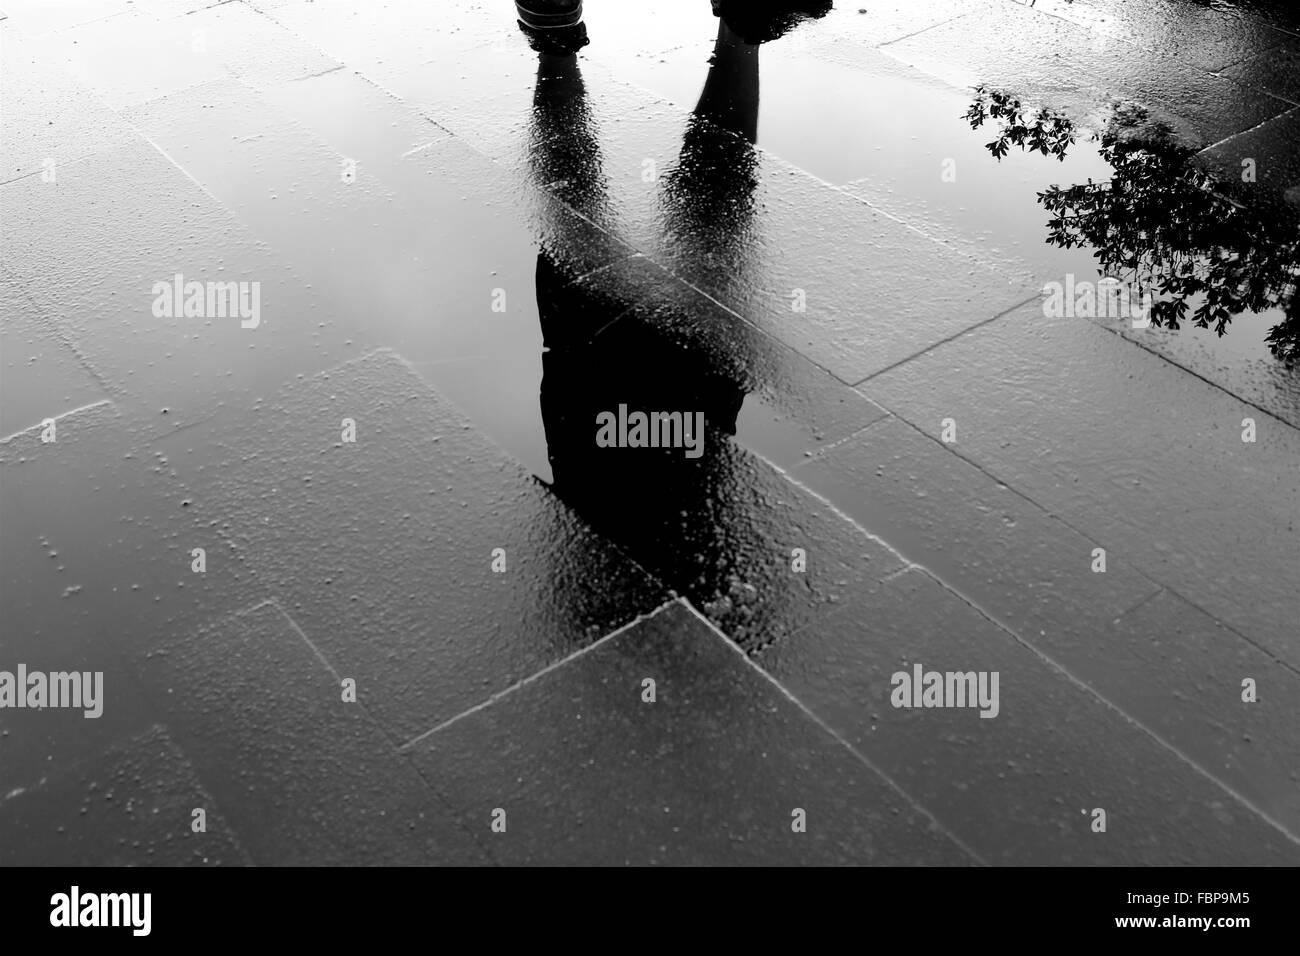 Reflexion des Menschen In Pfütze Stockbild